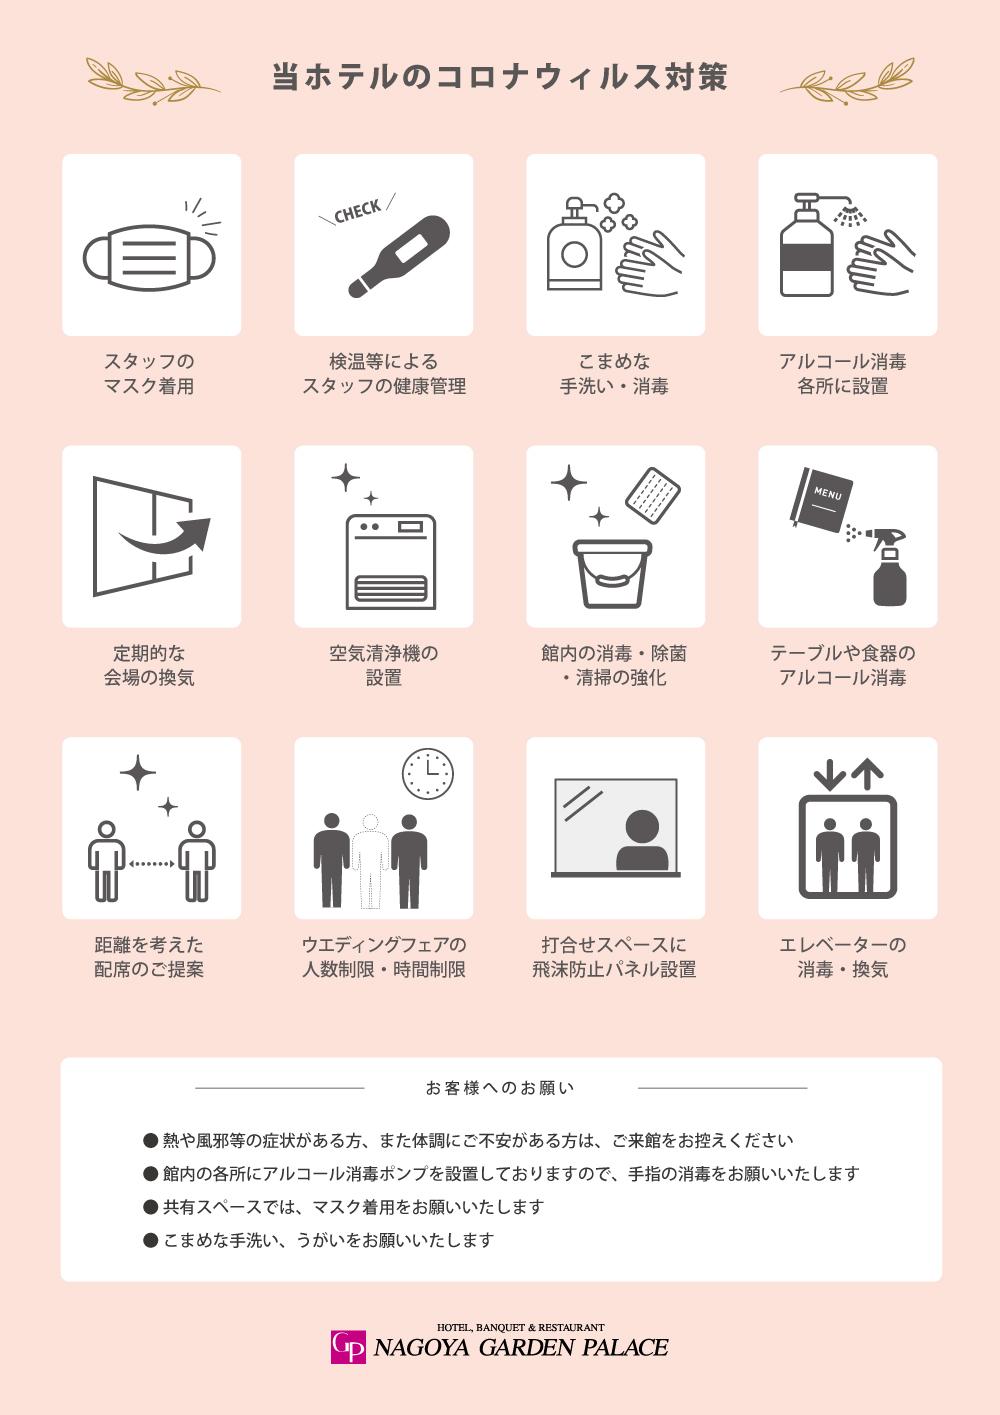 キャンペーン 名古屋 宿泊